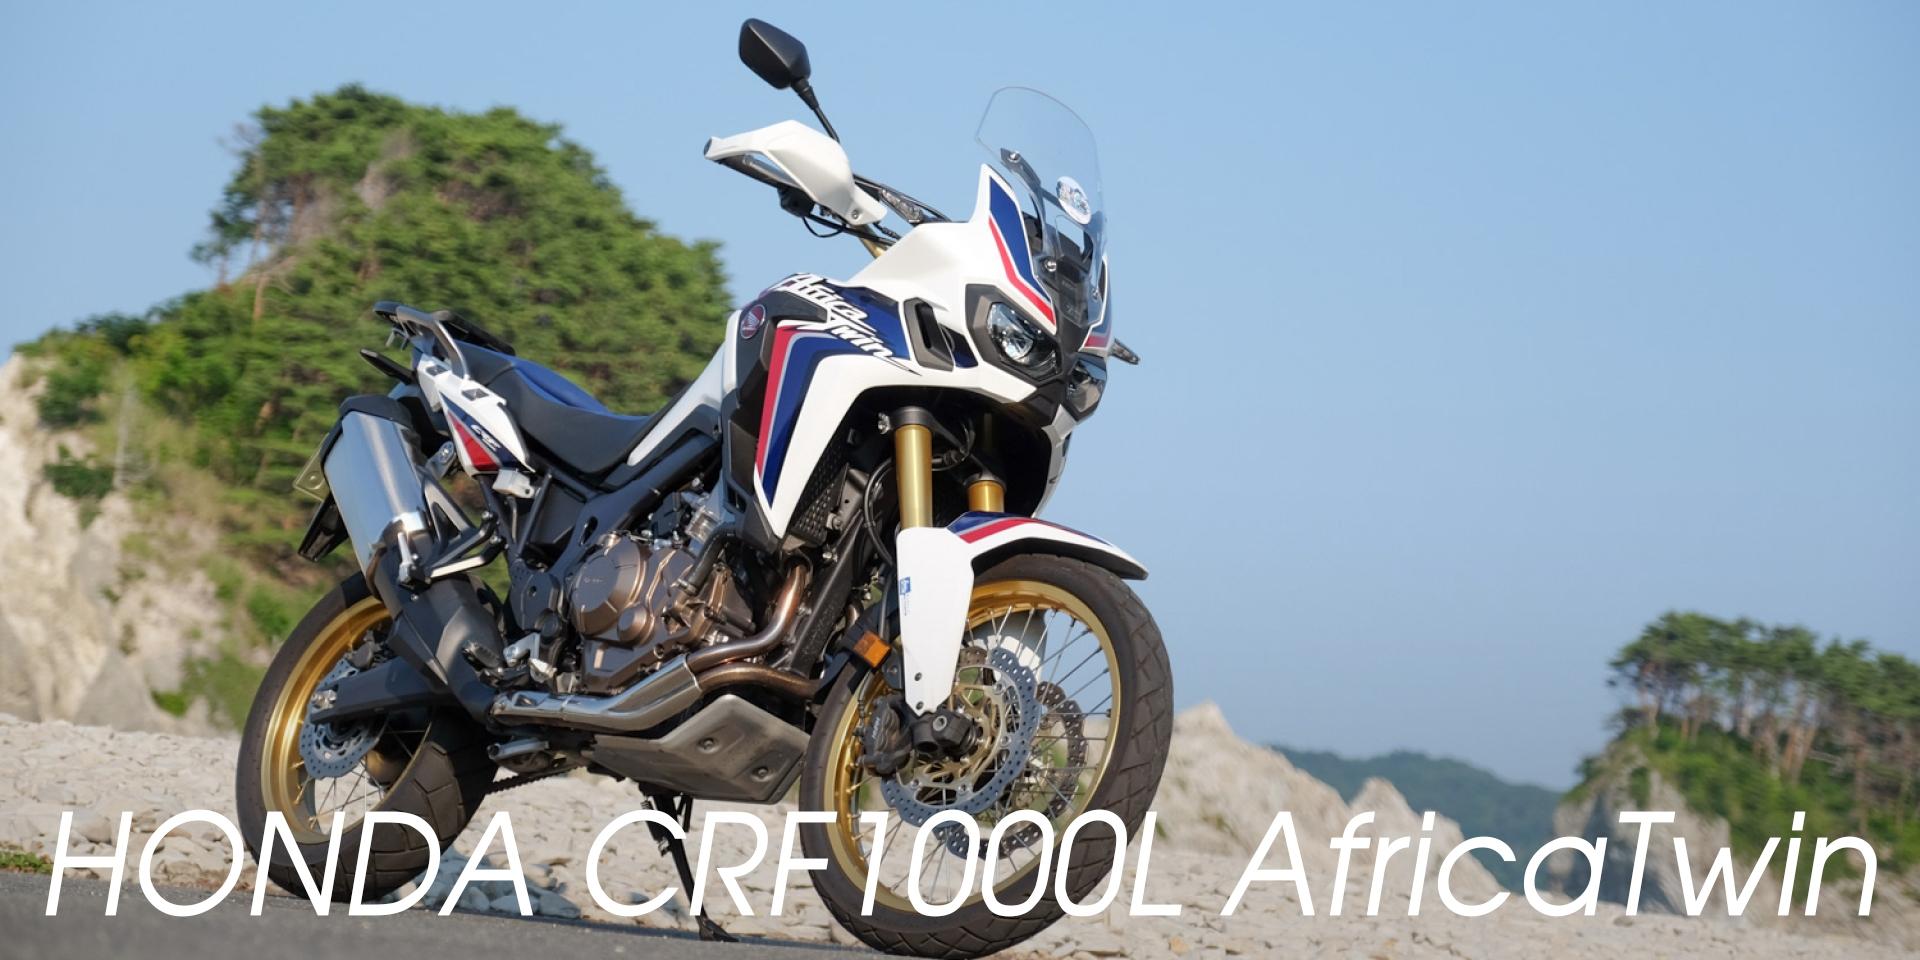 傳奇的繼承者。HONDA CRF1000L AfricaTwin日本試駕